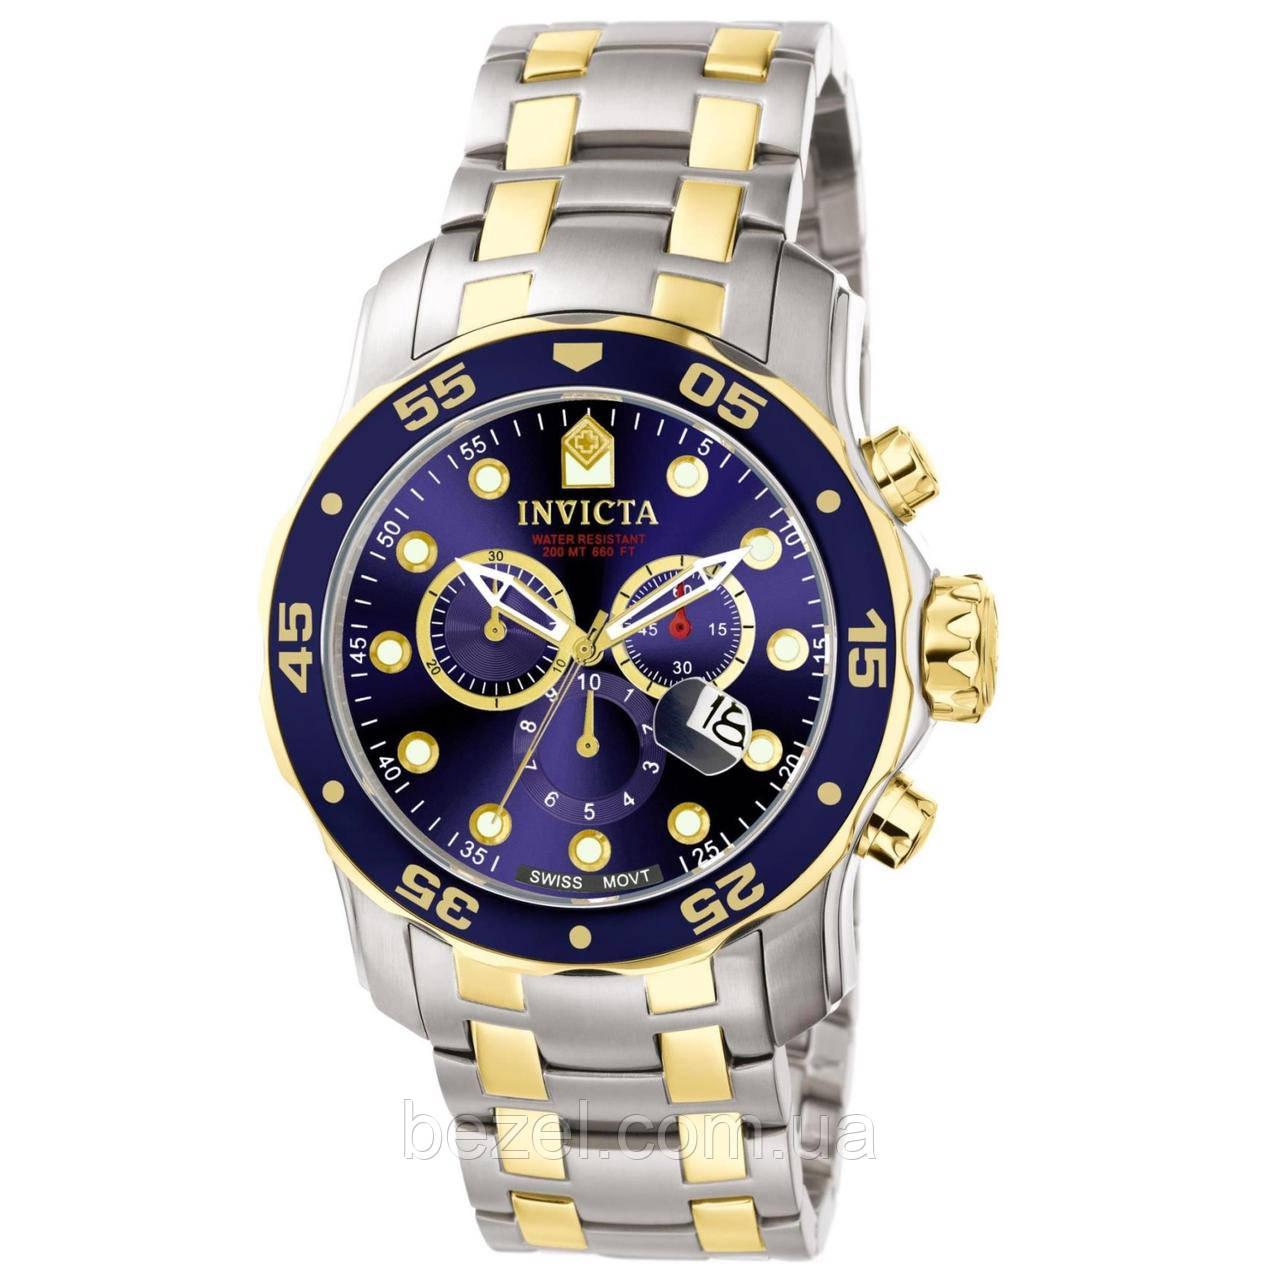 Мужские швейцарские часы INVICTA 0077 Pro Diver Инвикта дайвер водонепроницаемые швейцарские для дайвинга